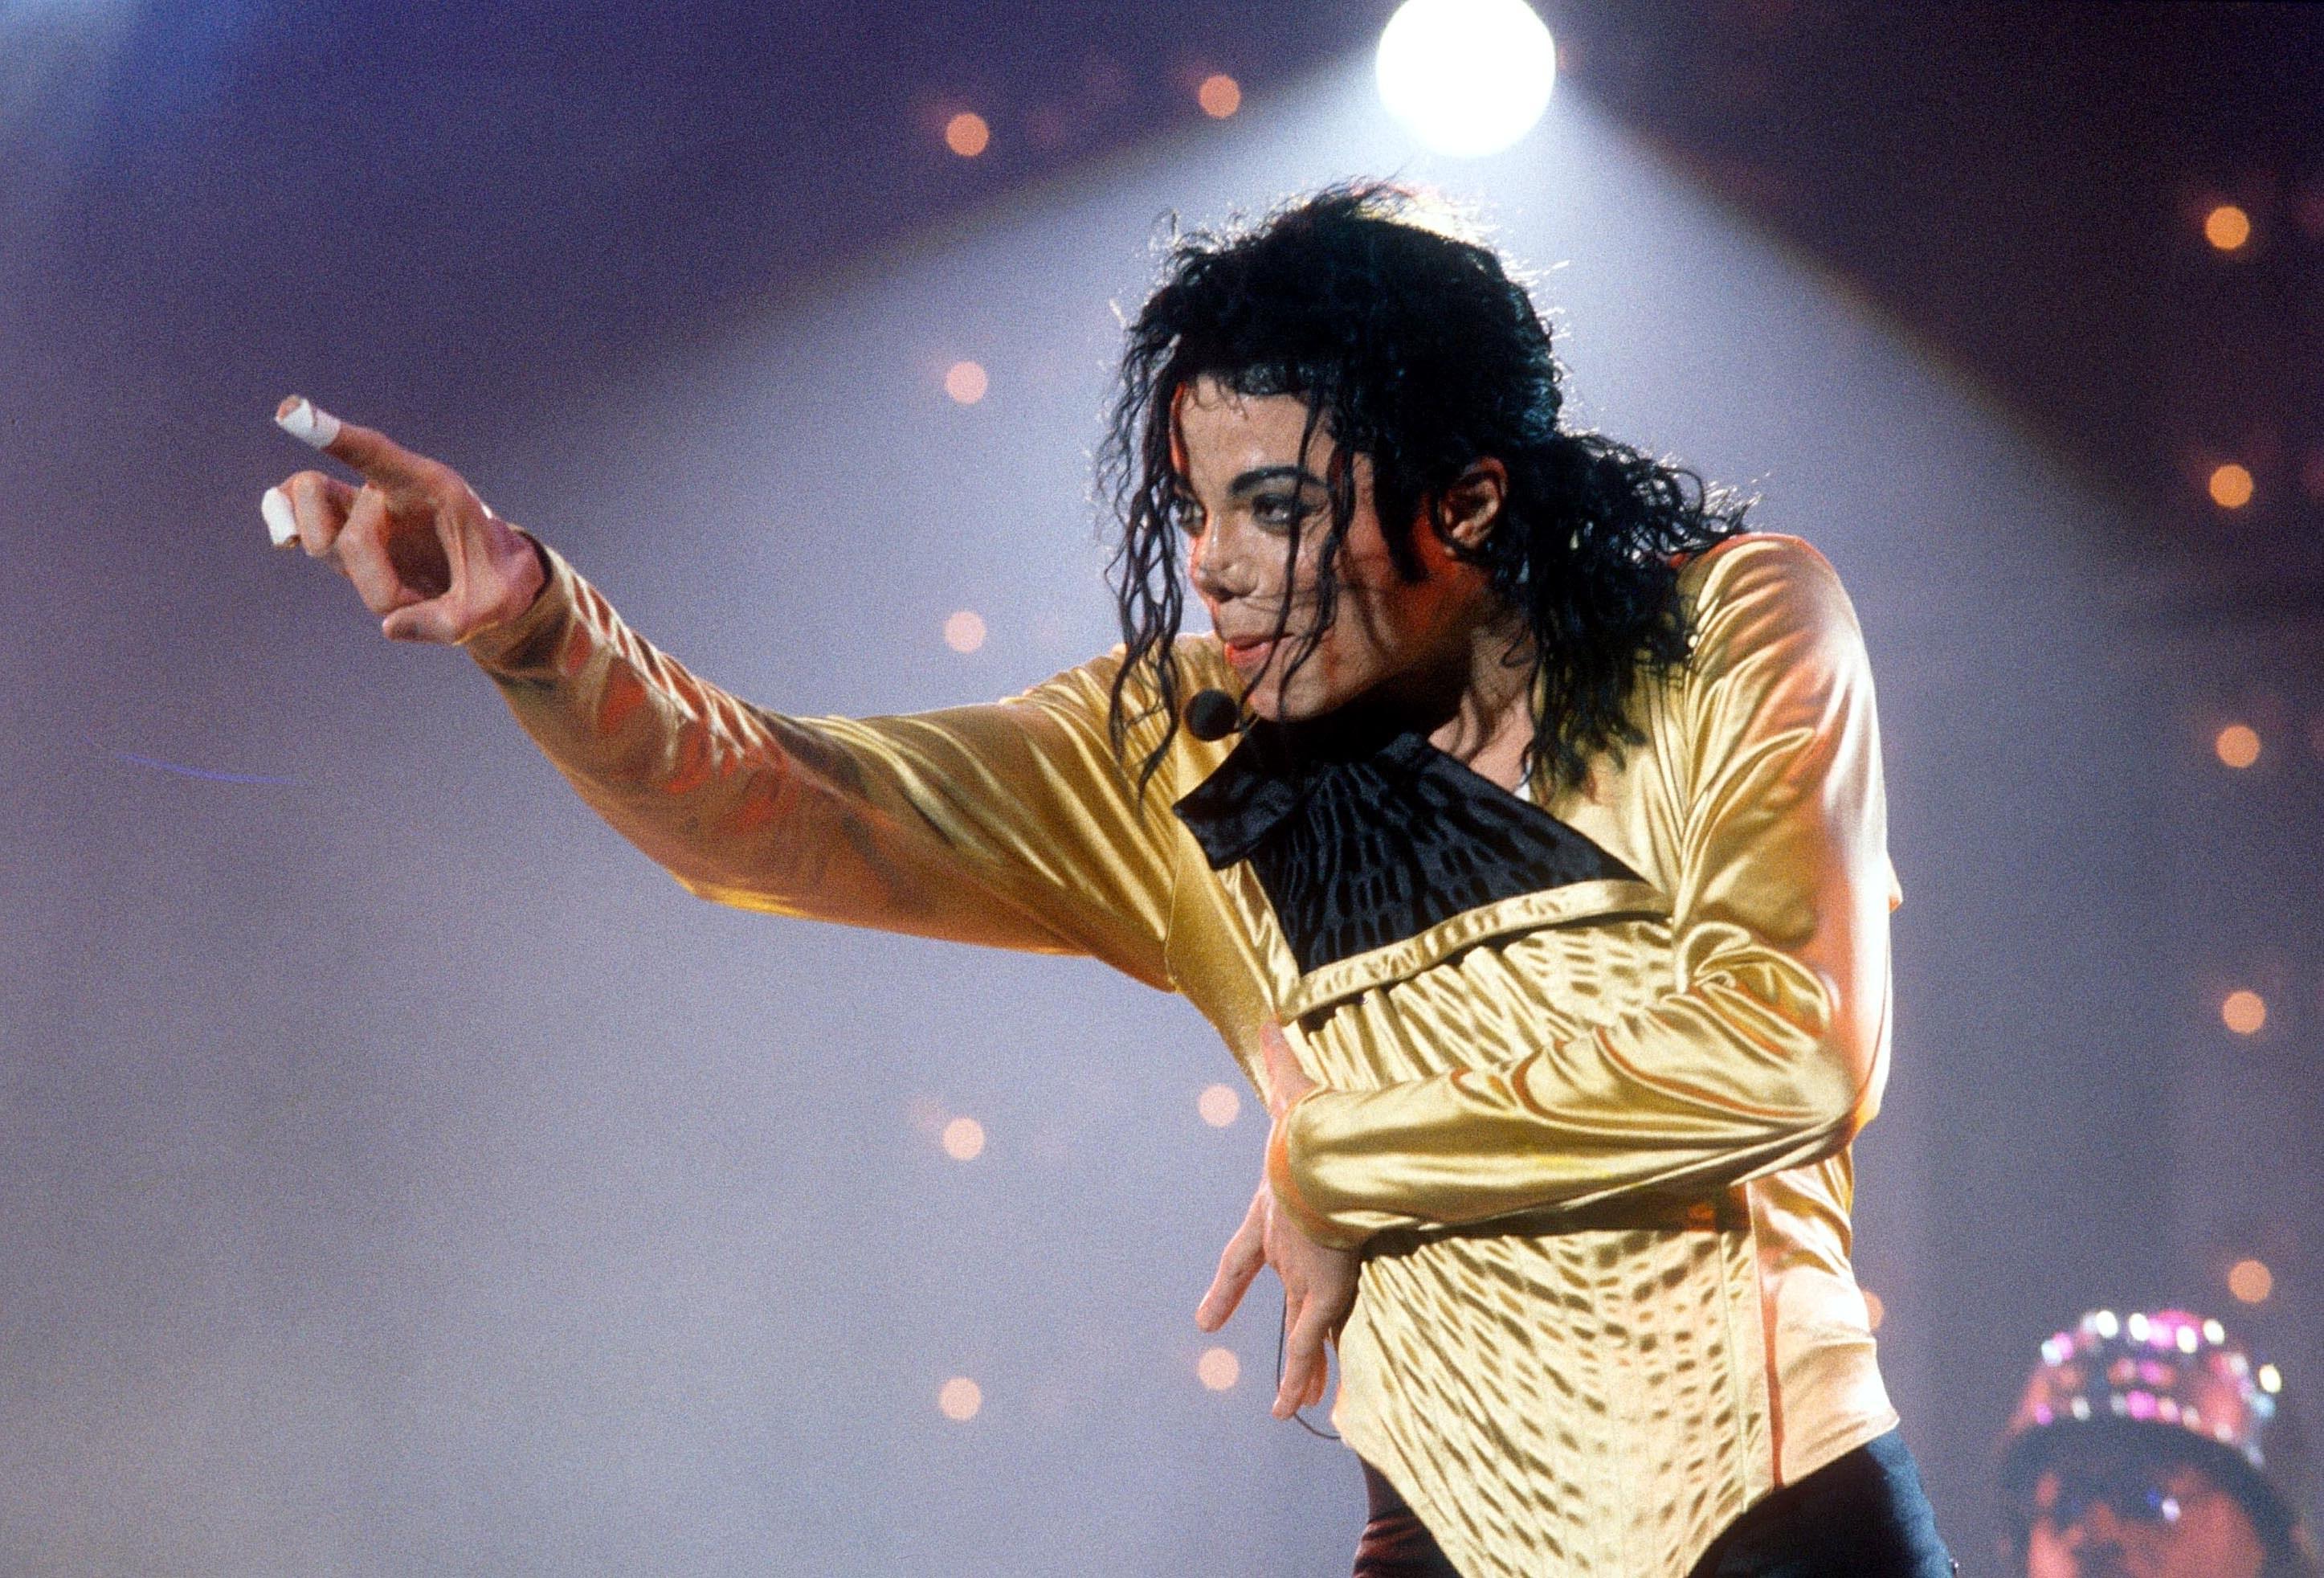 Michael Jackson 'Dangerous Tour', Wembley Stadium, London, Britain - Aug 1992